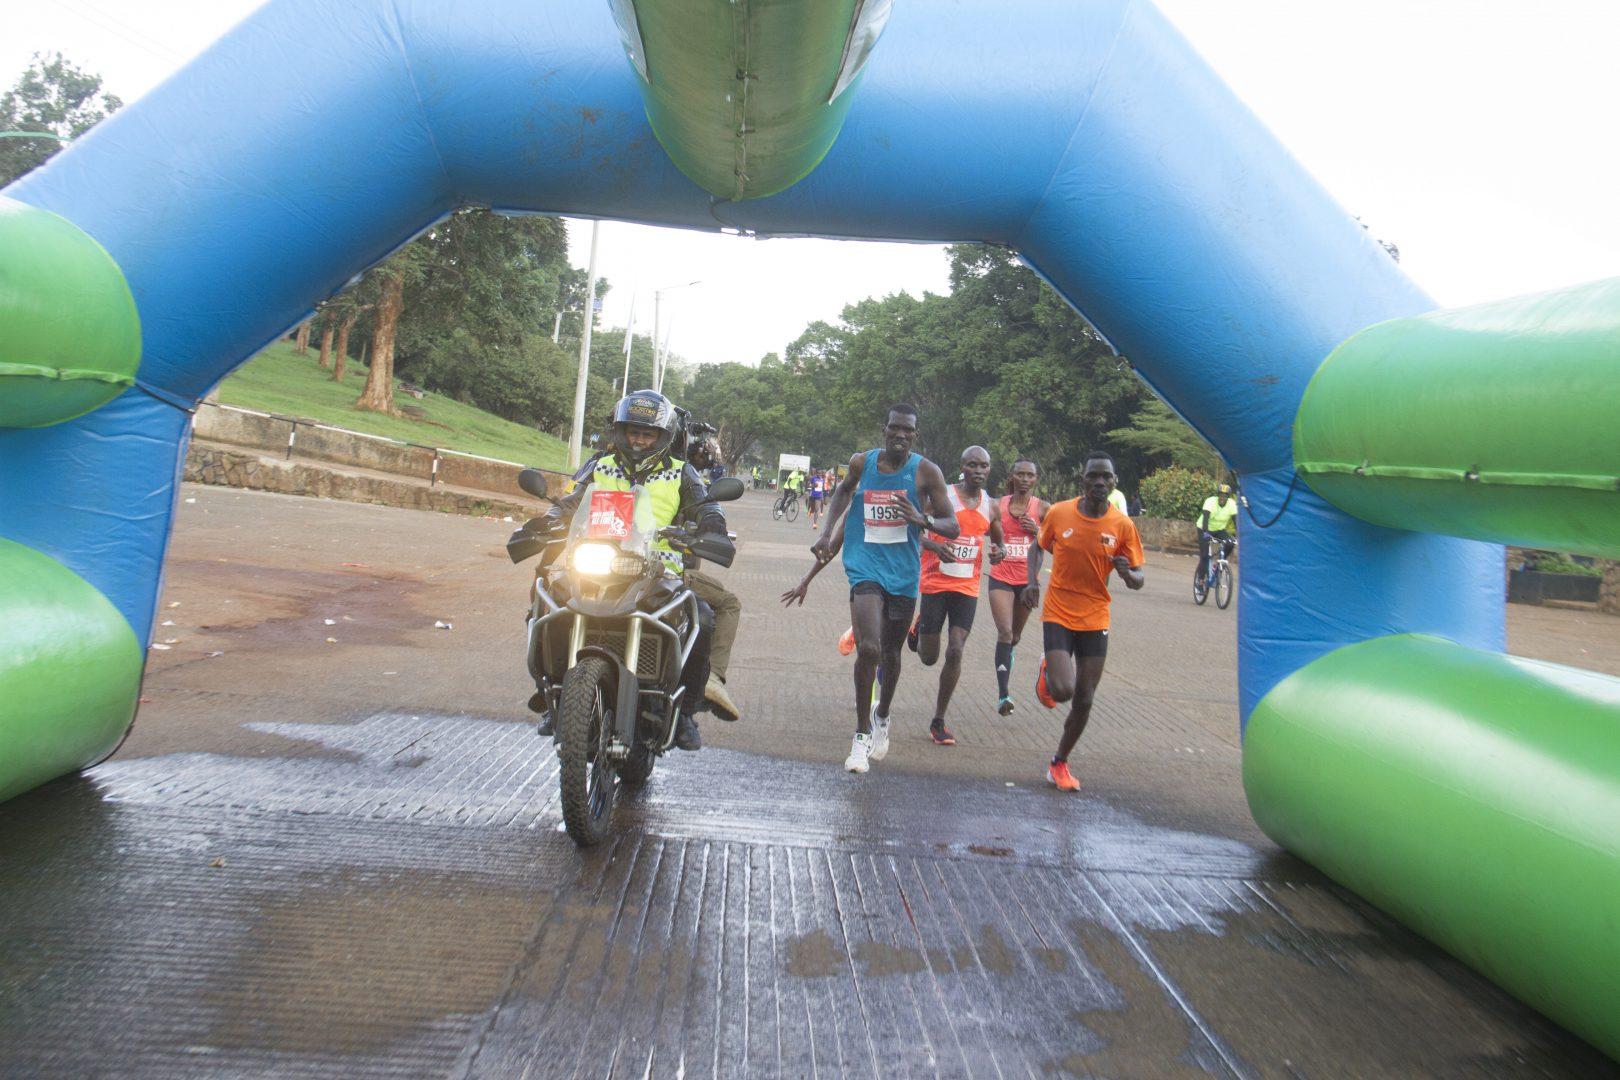 https://www.nairobimarathon.com/wp-content/uploads/2021/07/MG_4792.jpg